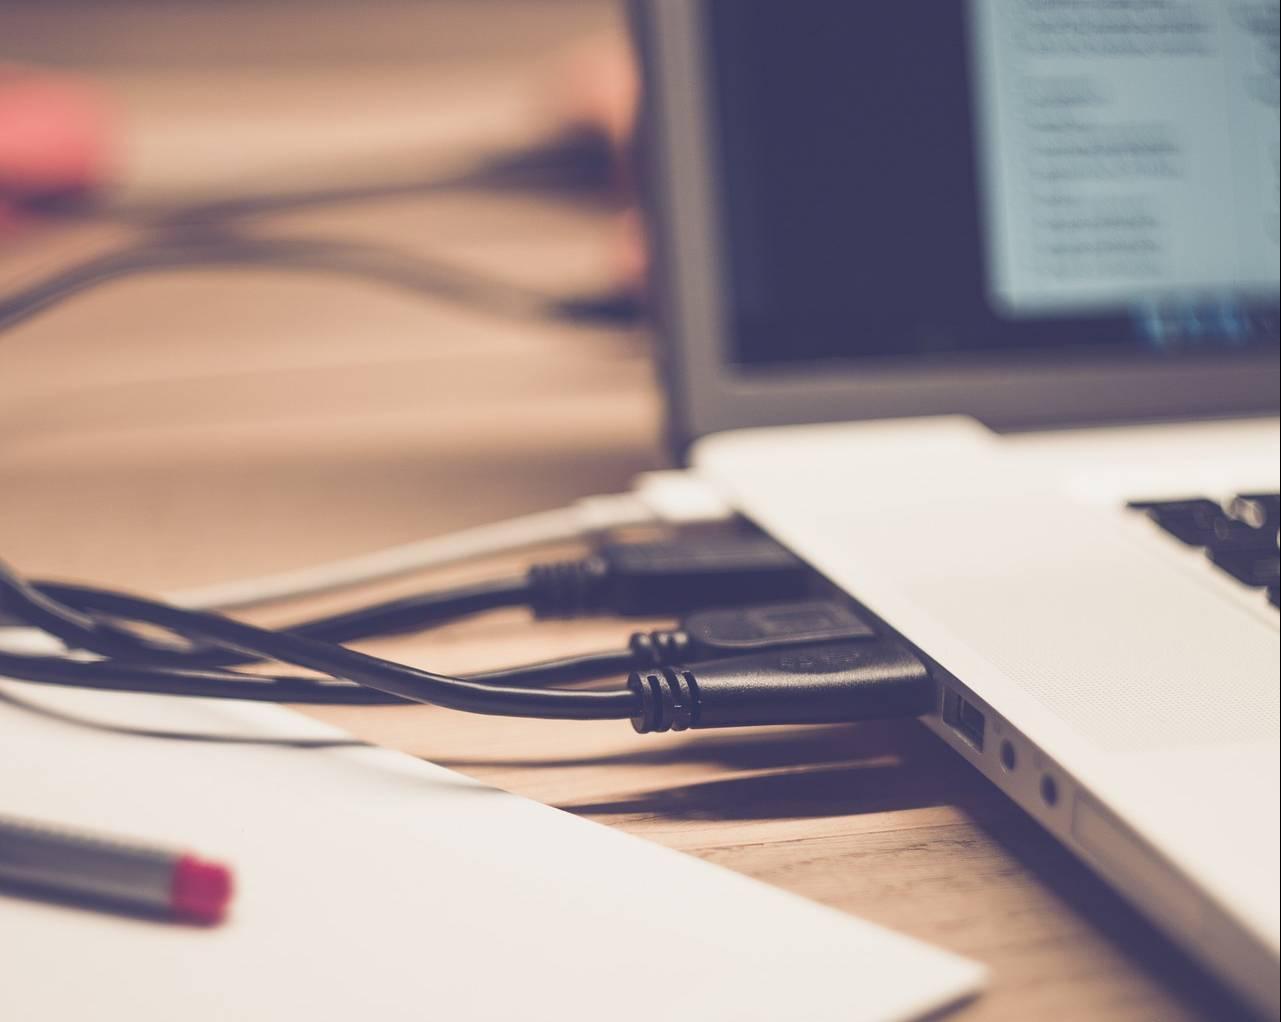 Geräte am USB-Anschluss sind häufig schuld, wenn der Mac ständig aufwacht (Bild: markusspiske/Pixabay)